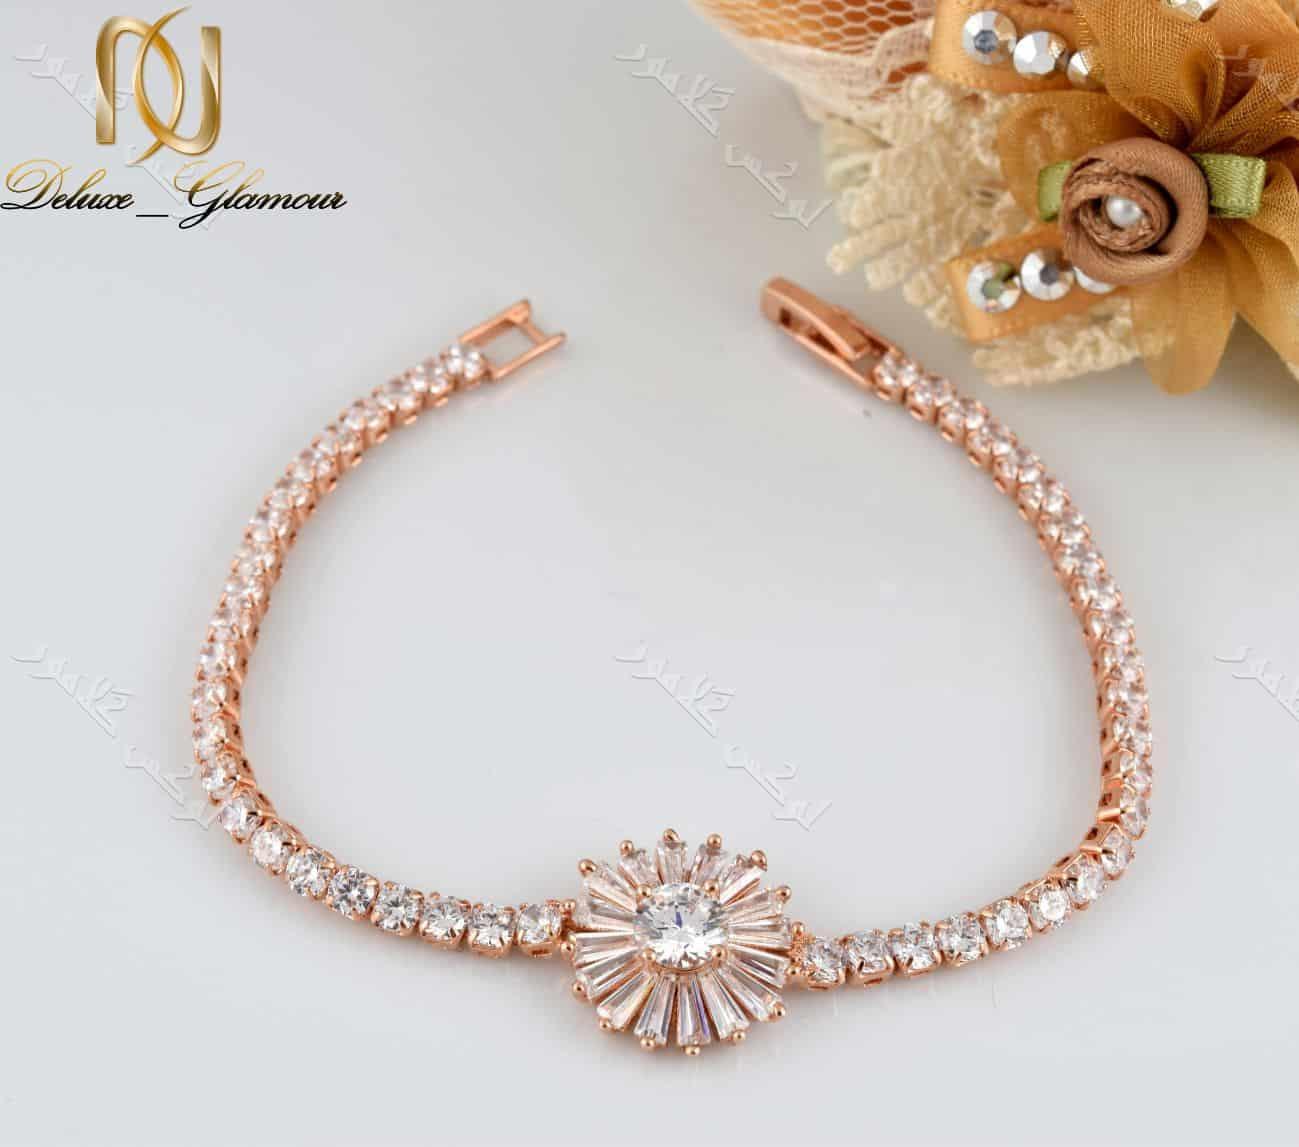 دستبند دخترانه طرح قاصدک کلیو با کریستالهای سواروسکی - عکس اصلی